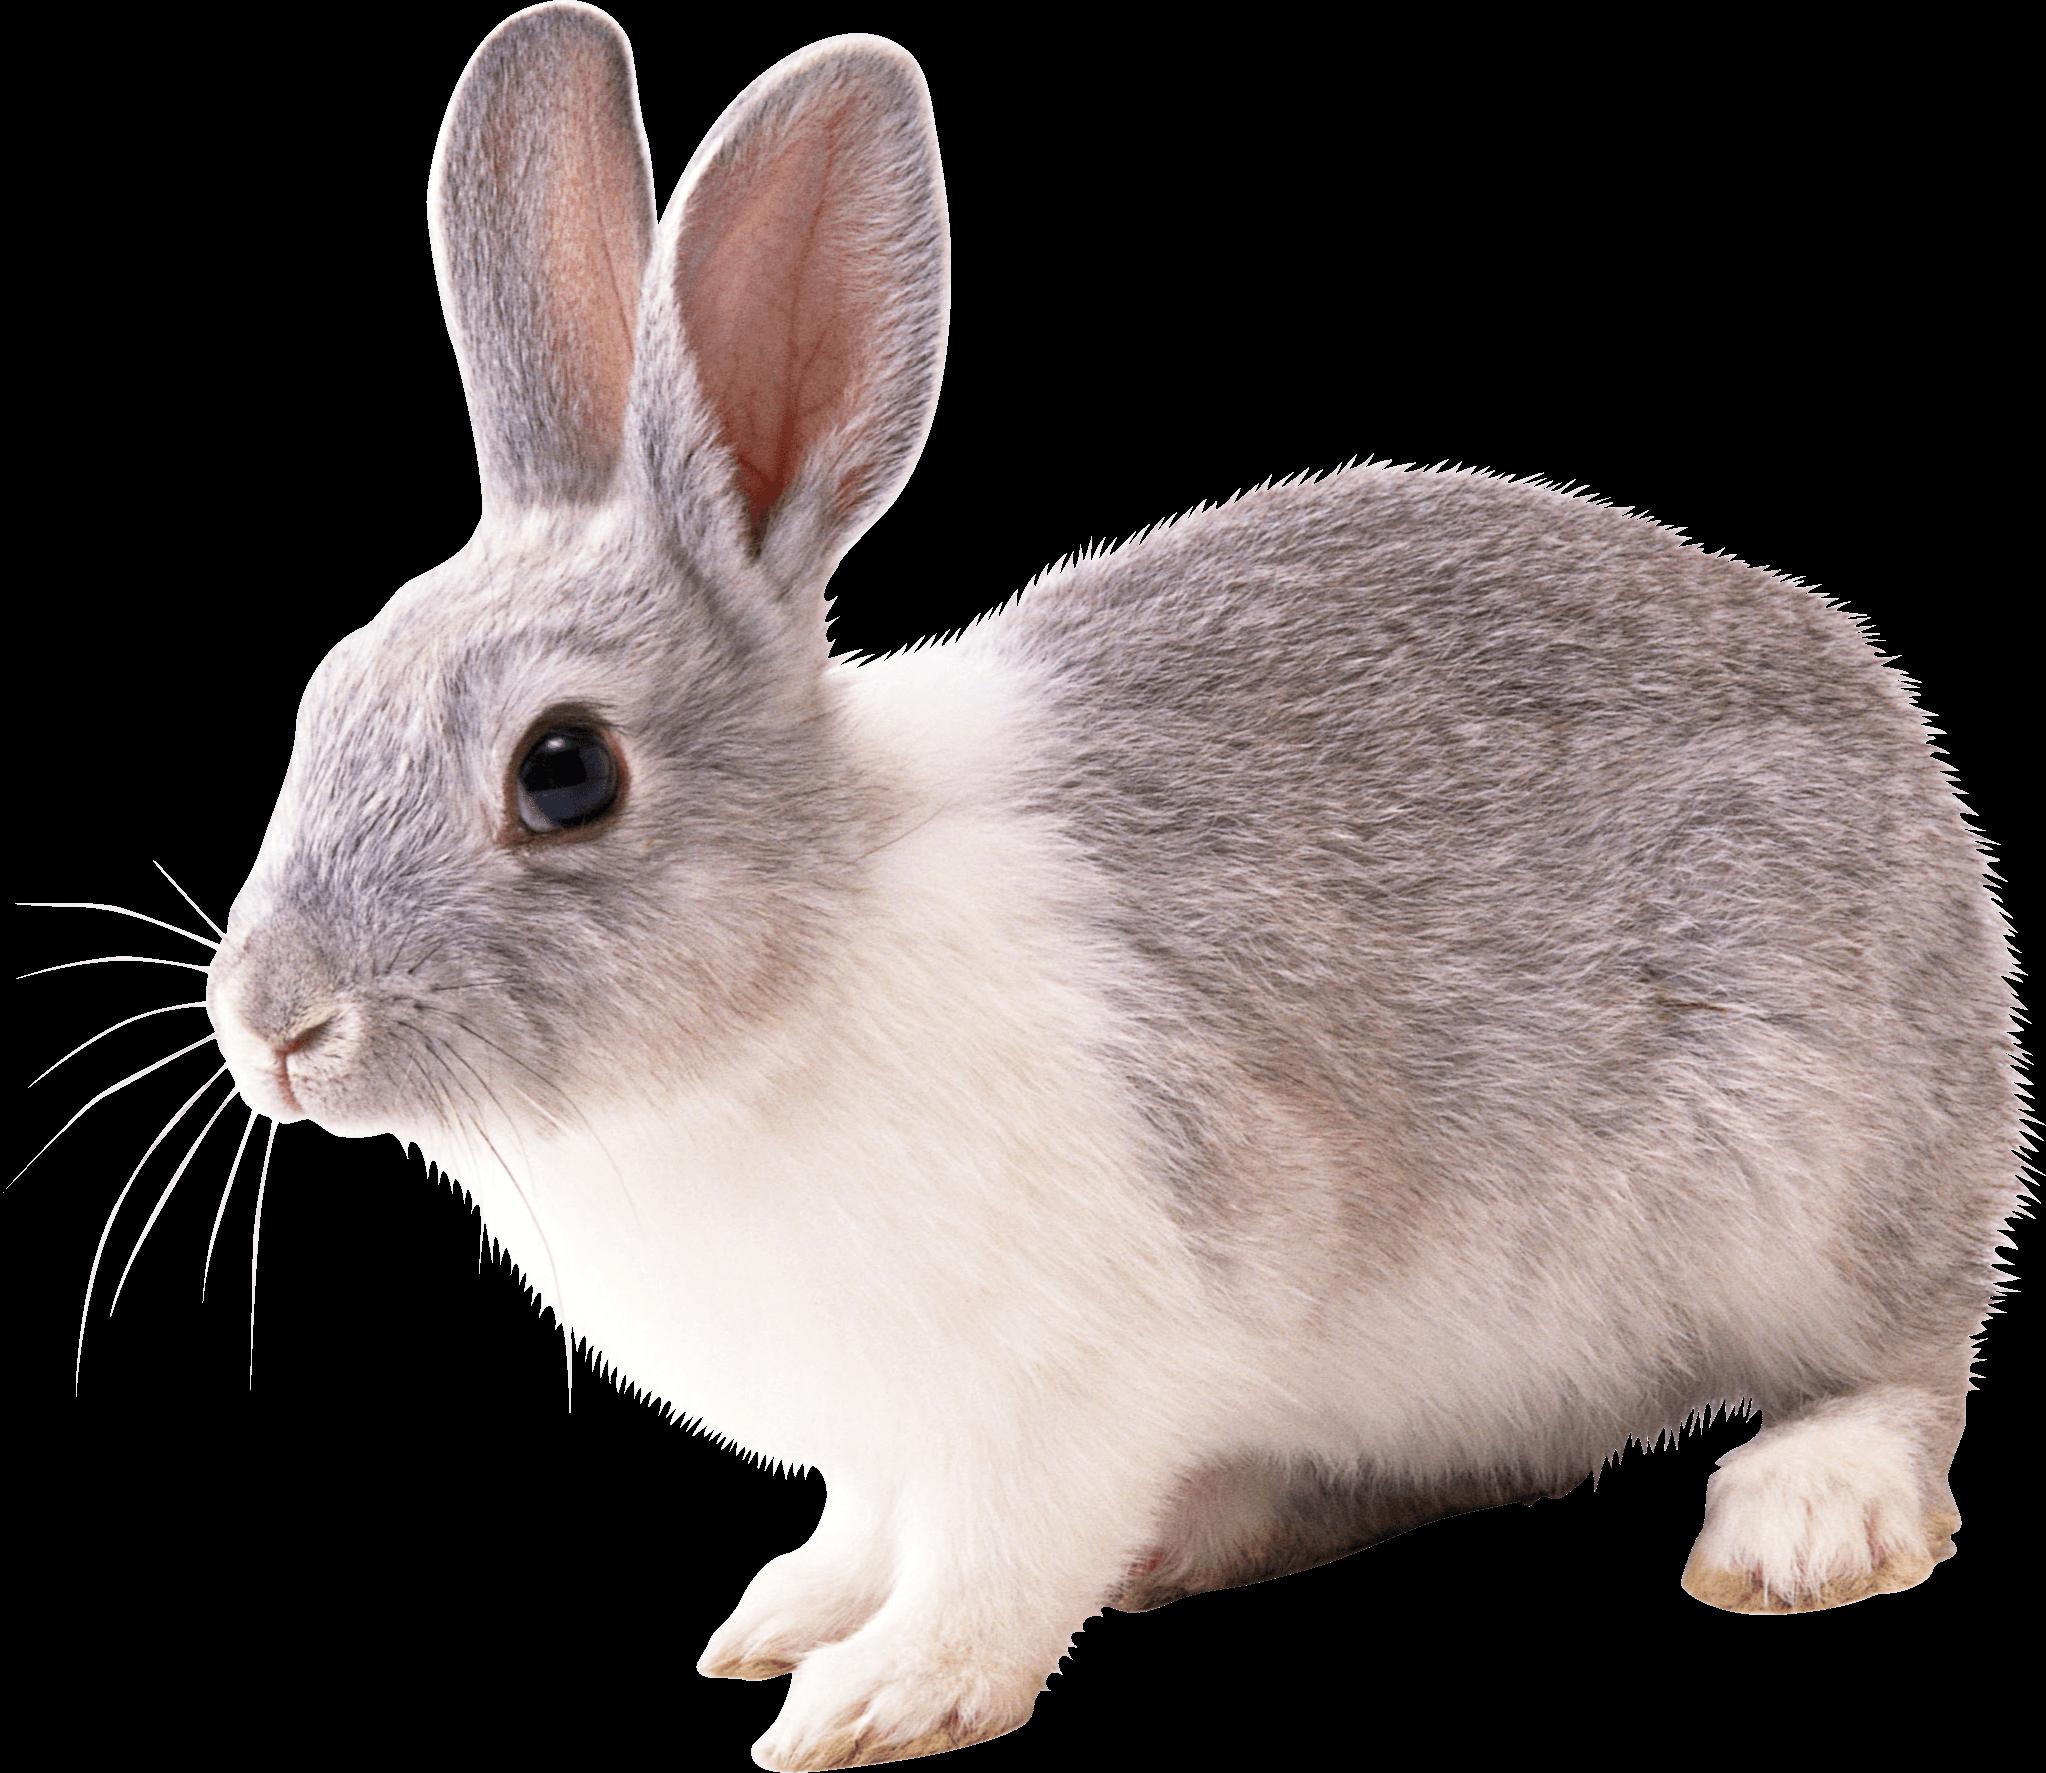 gray and white rabbit